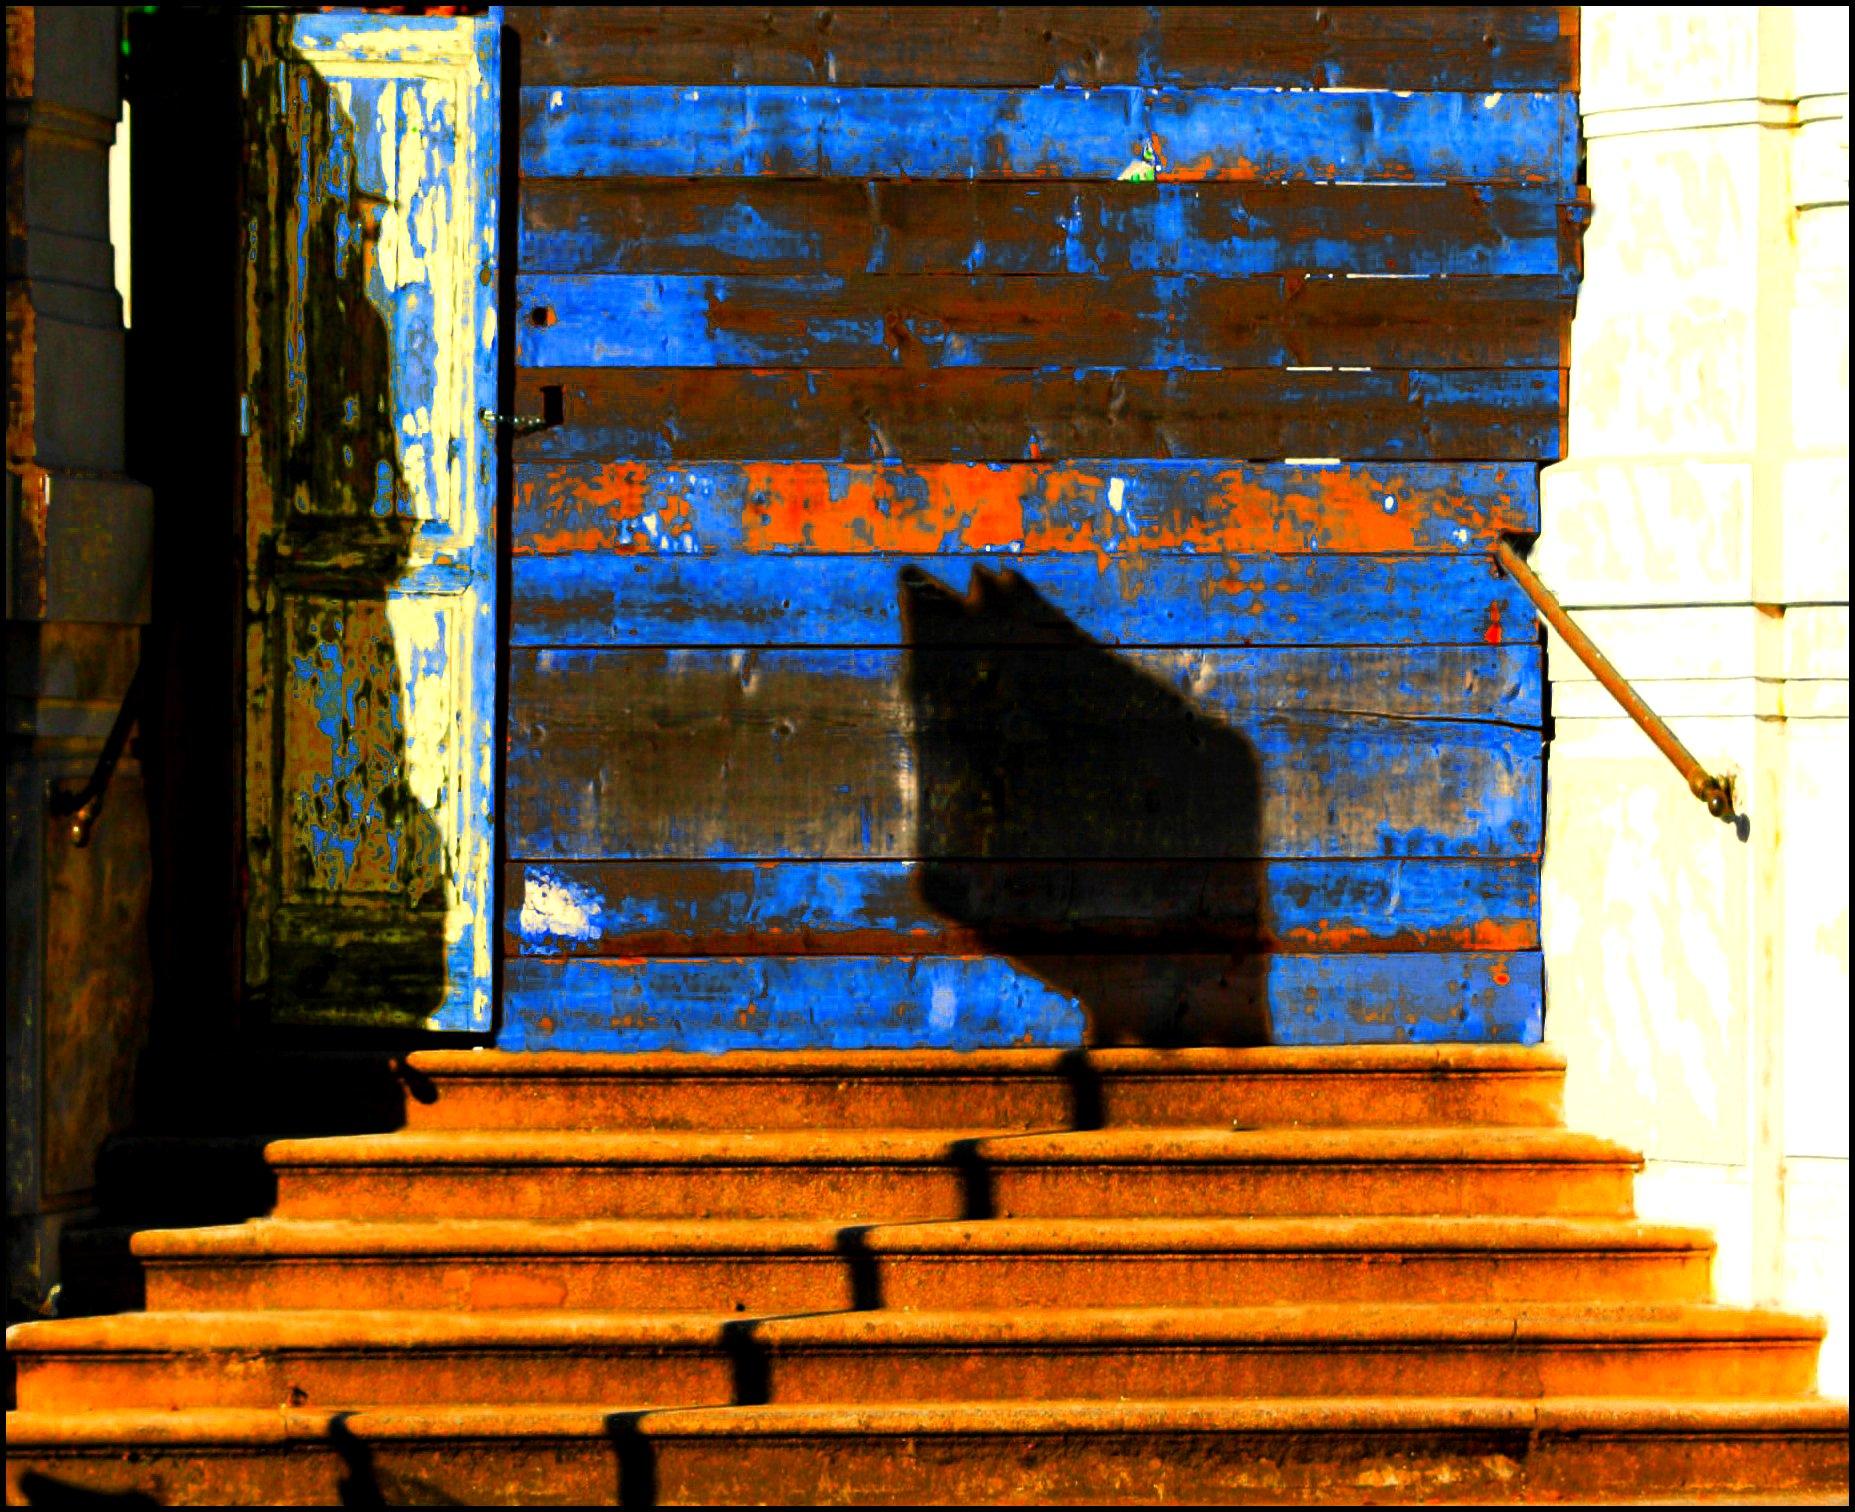 Hintergrundbilder : Tempel, Sonnenlicht, Fenster, die Architektur ...